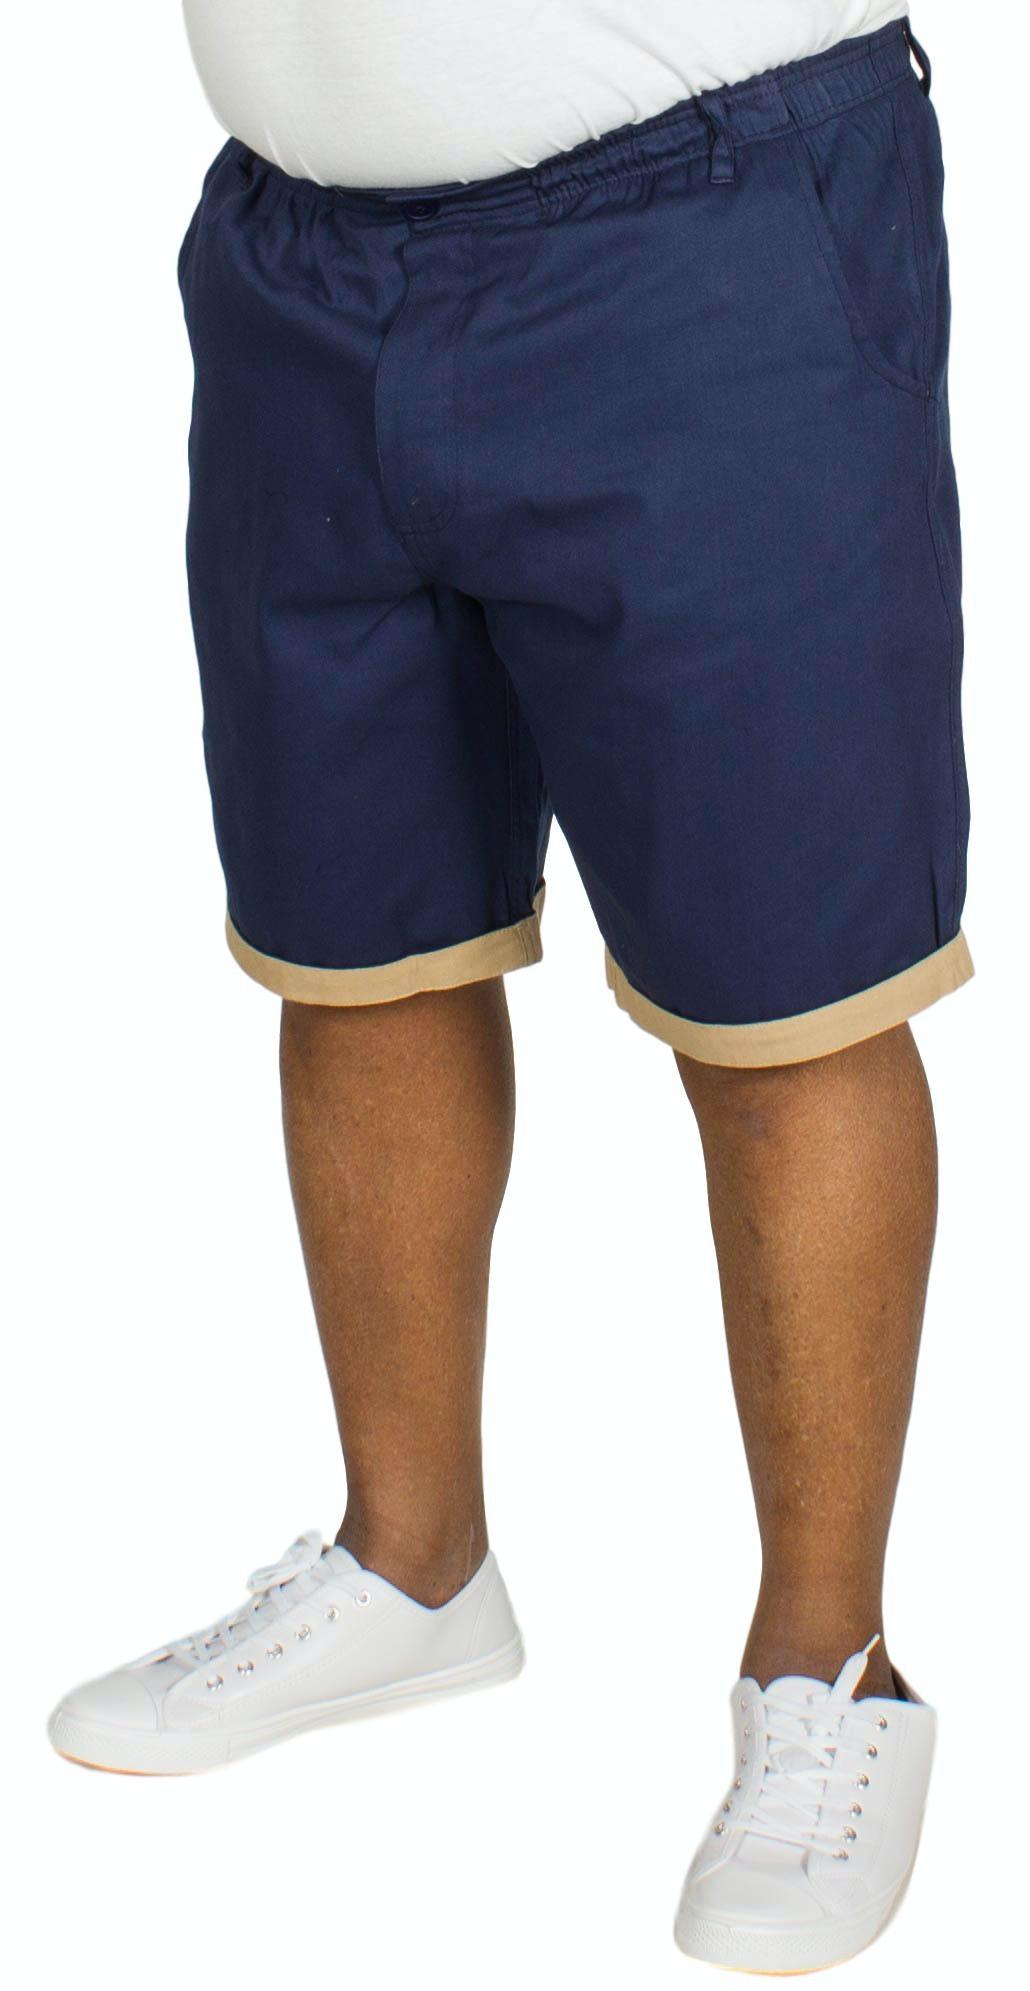 Bigdude Elasticated Waist Chino Shorts Navy